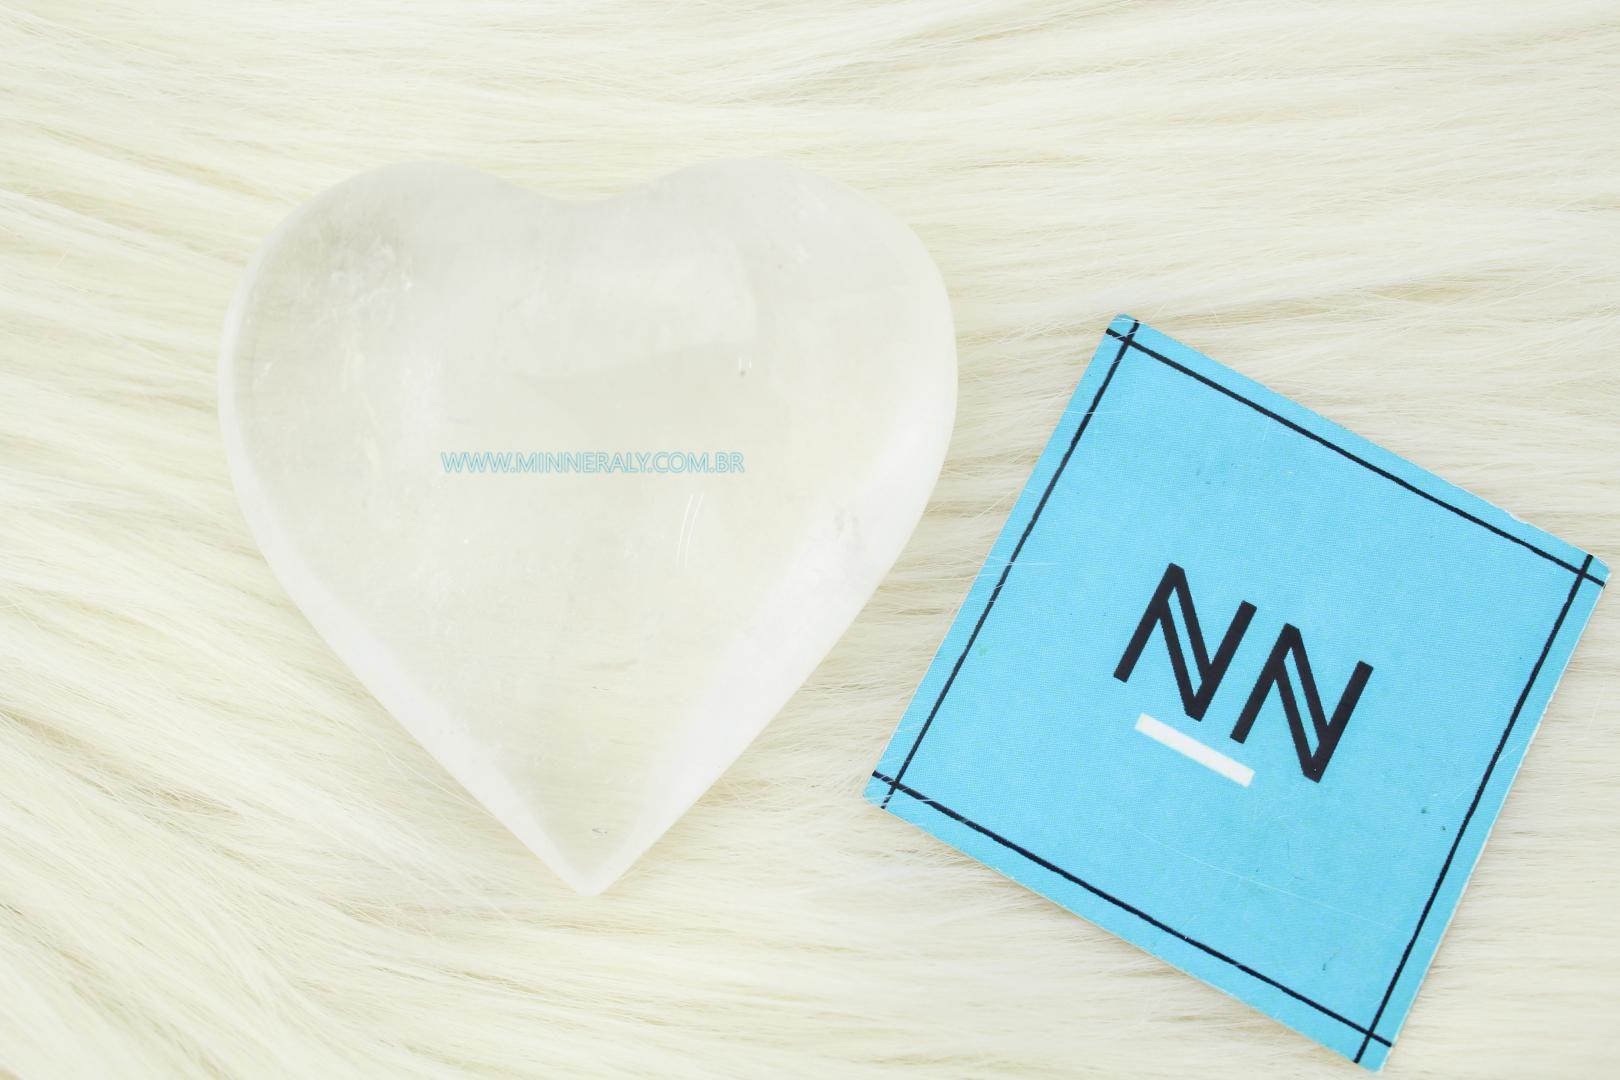 Coração de Cristal in Natura #NN116